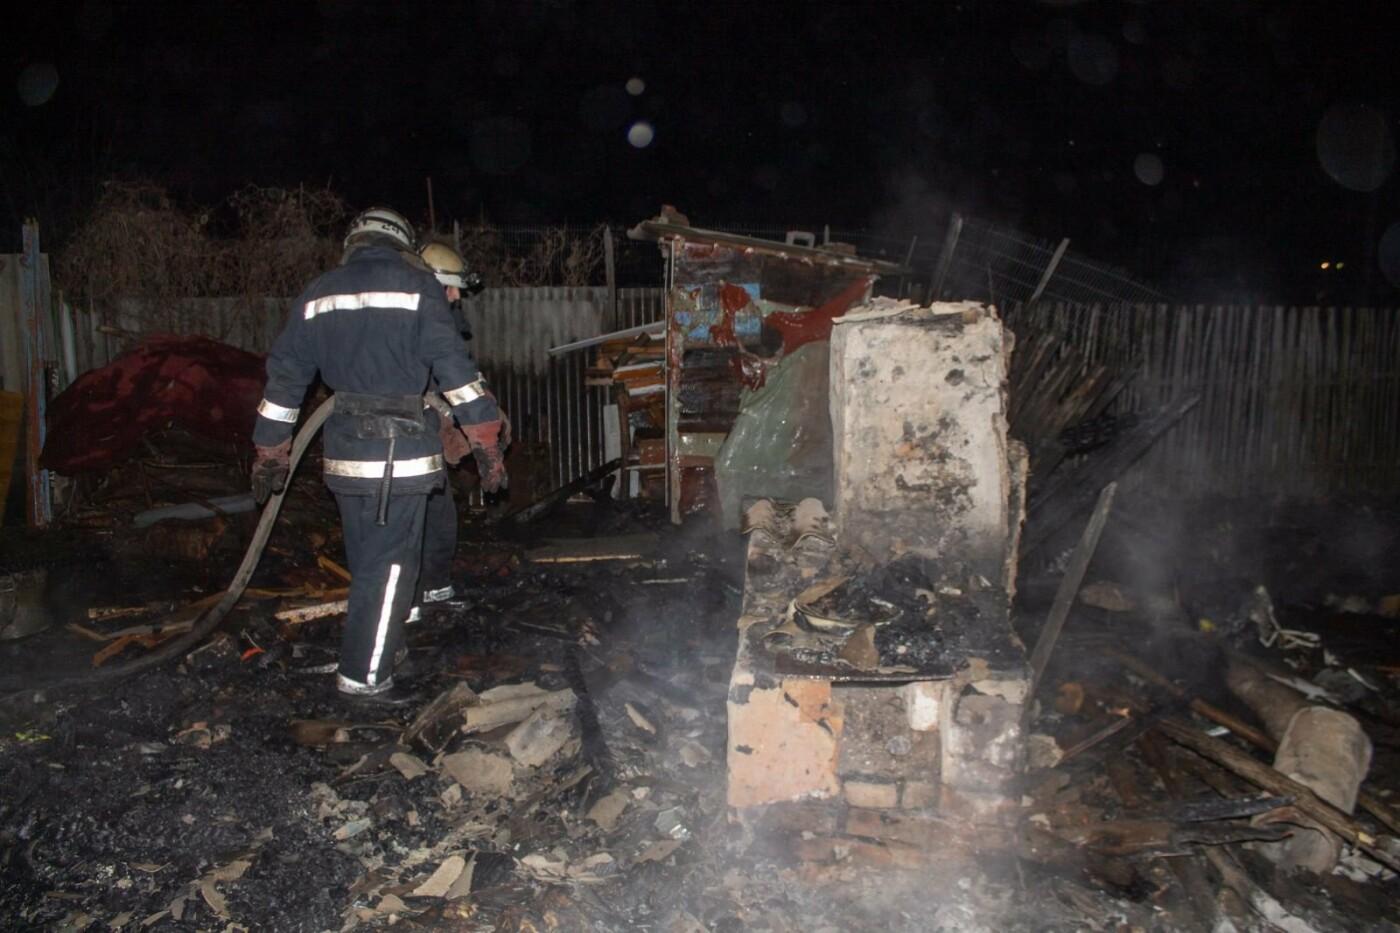 В Харьковской области загорелась летняя кухня частного дома: погиб мужчина, - ФОТО, фото-2